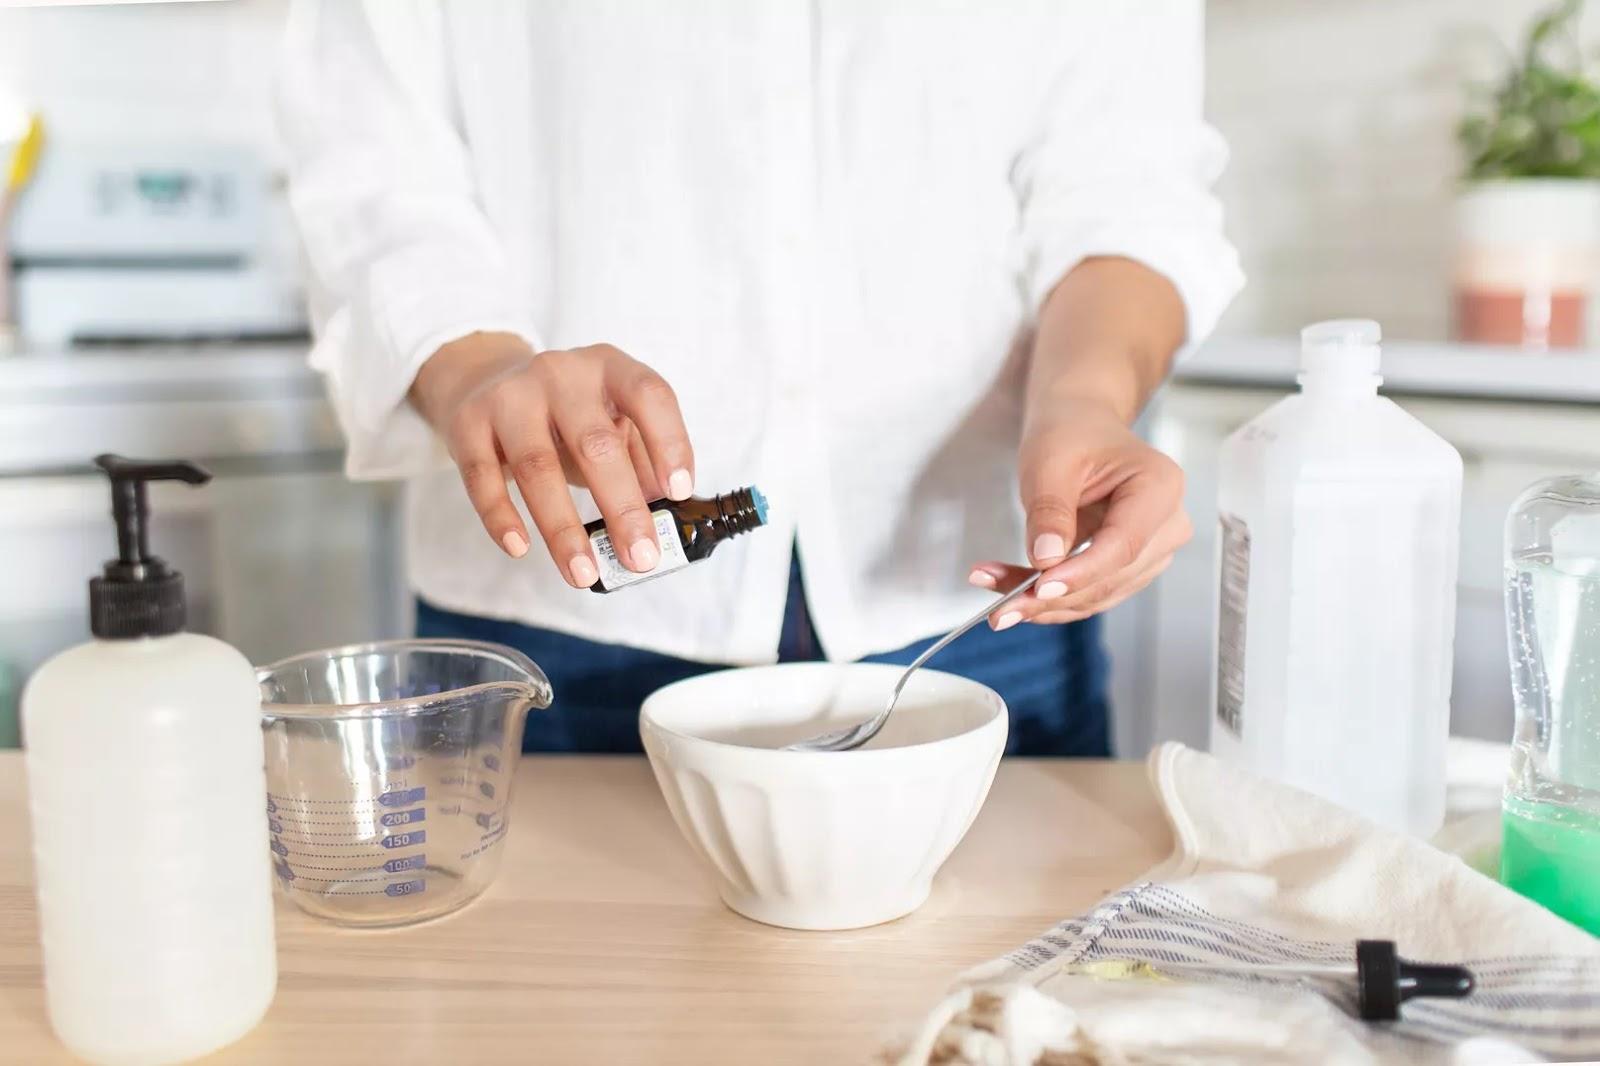 рецепт антисептика для рук своими руками